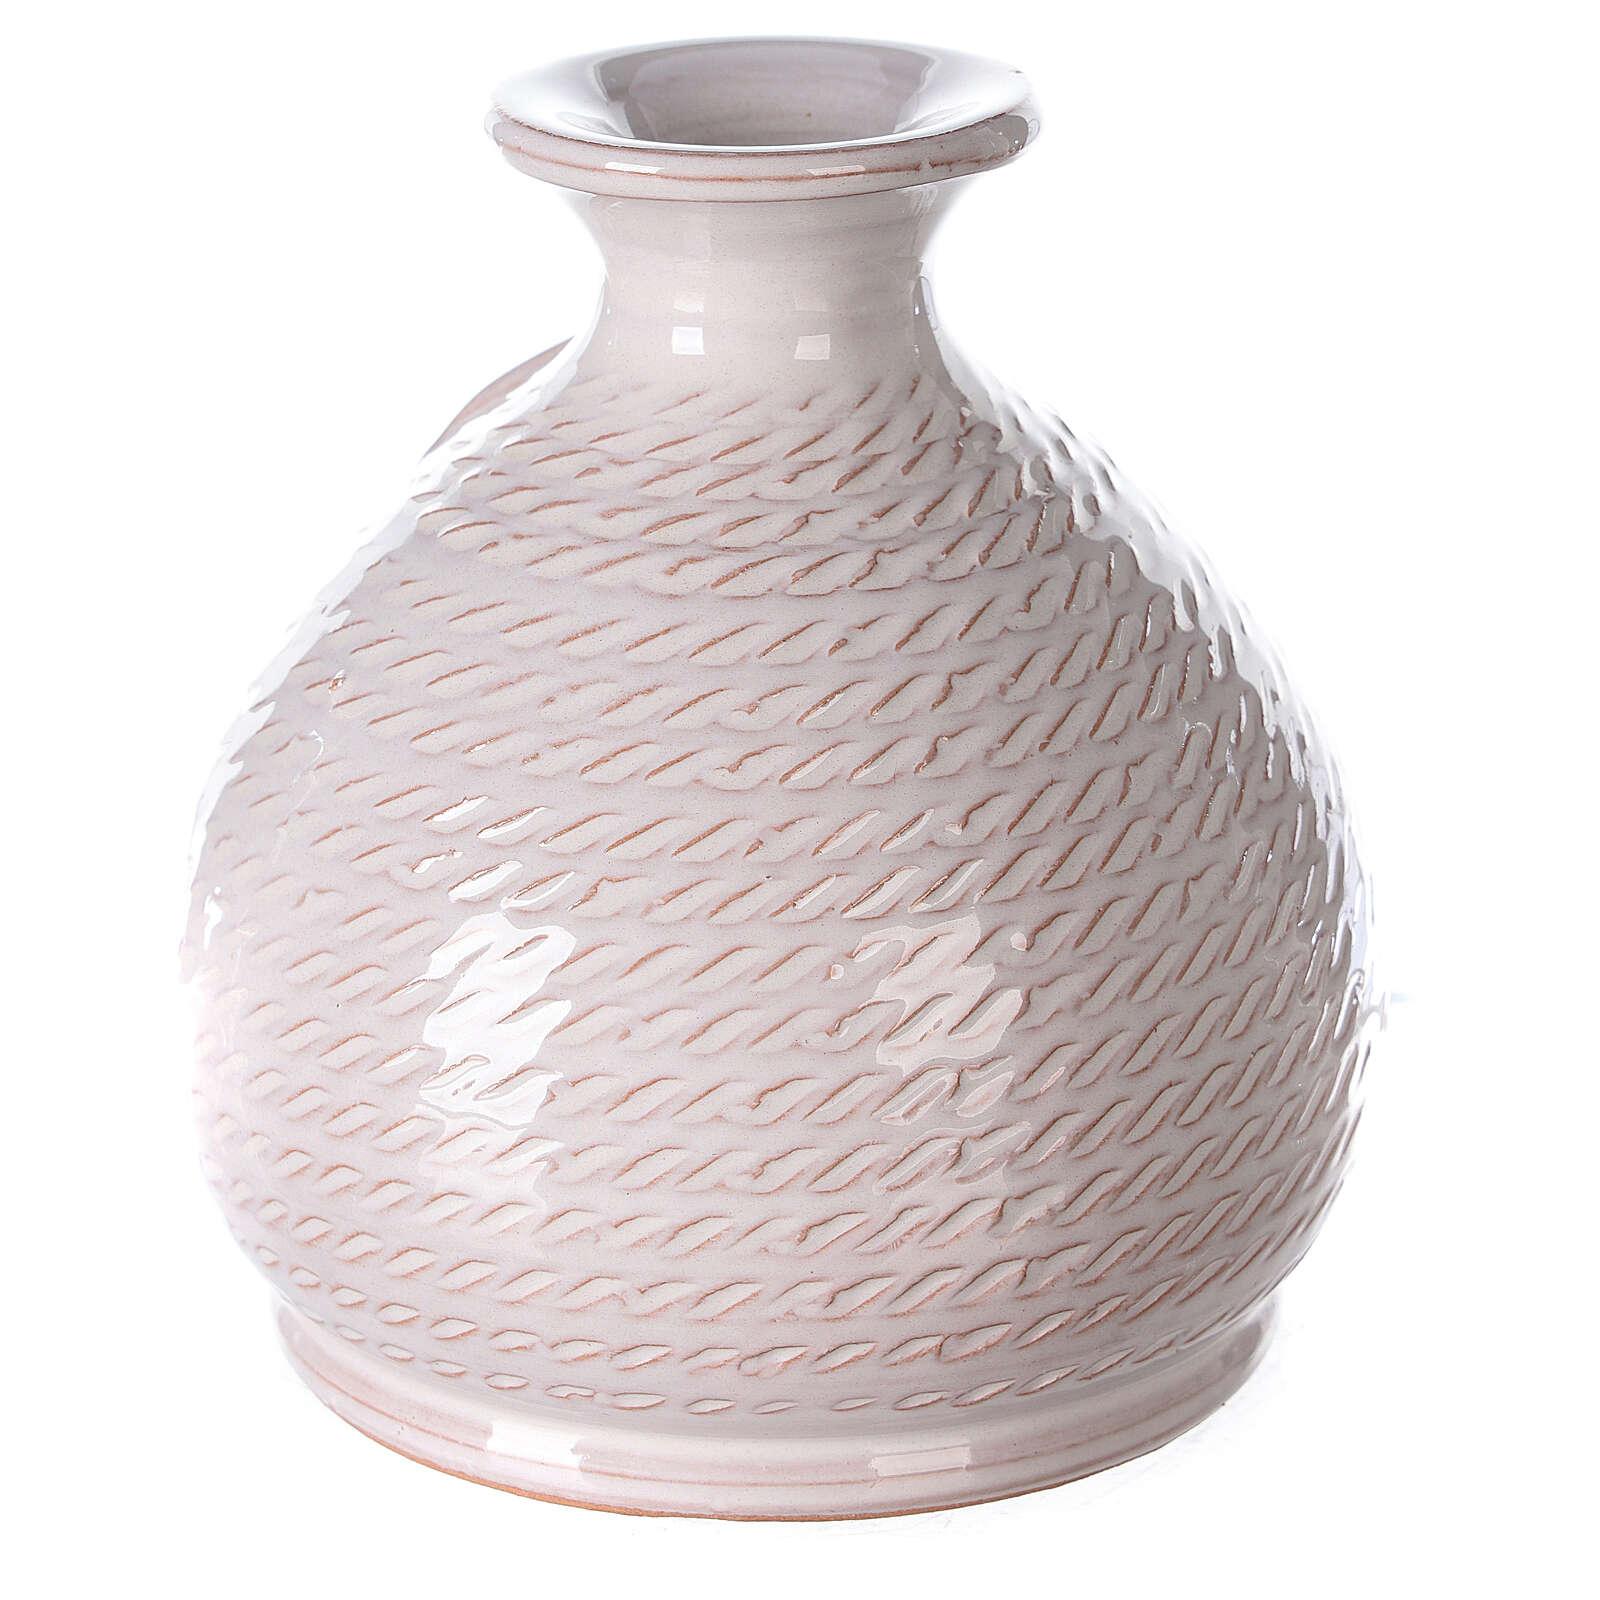 Natividad jarrón blanco redondeado terracota Deruta 12 cm 4